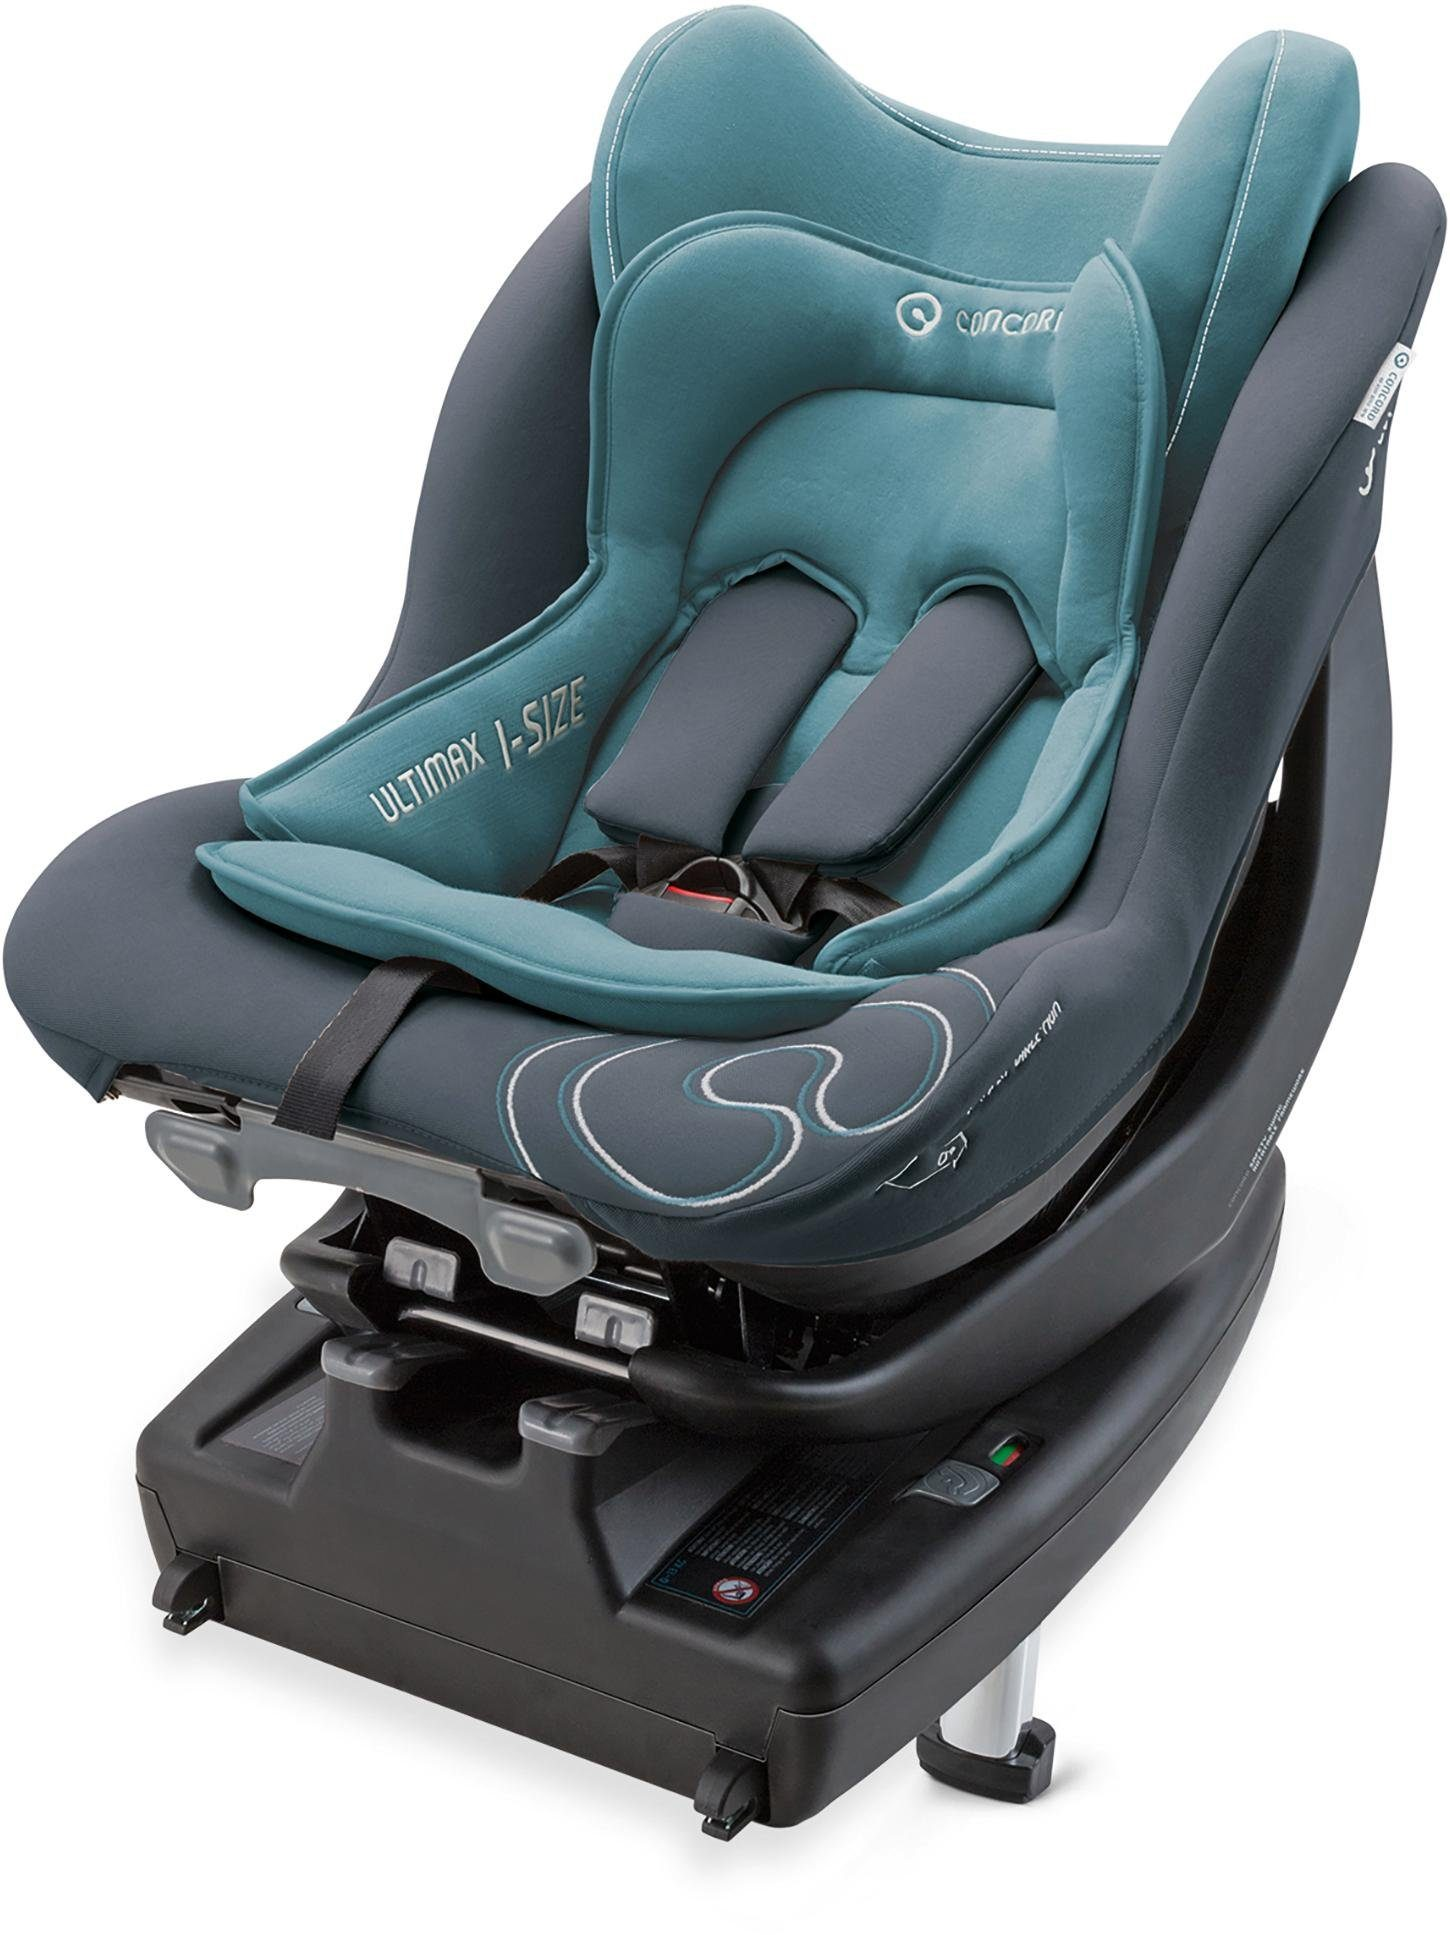 Concord Kindersitz, 0-18 kg , »Ultimax I-Size, Artic Aqua«